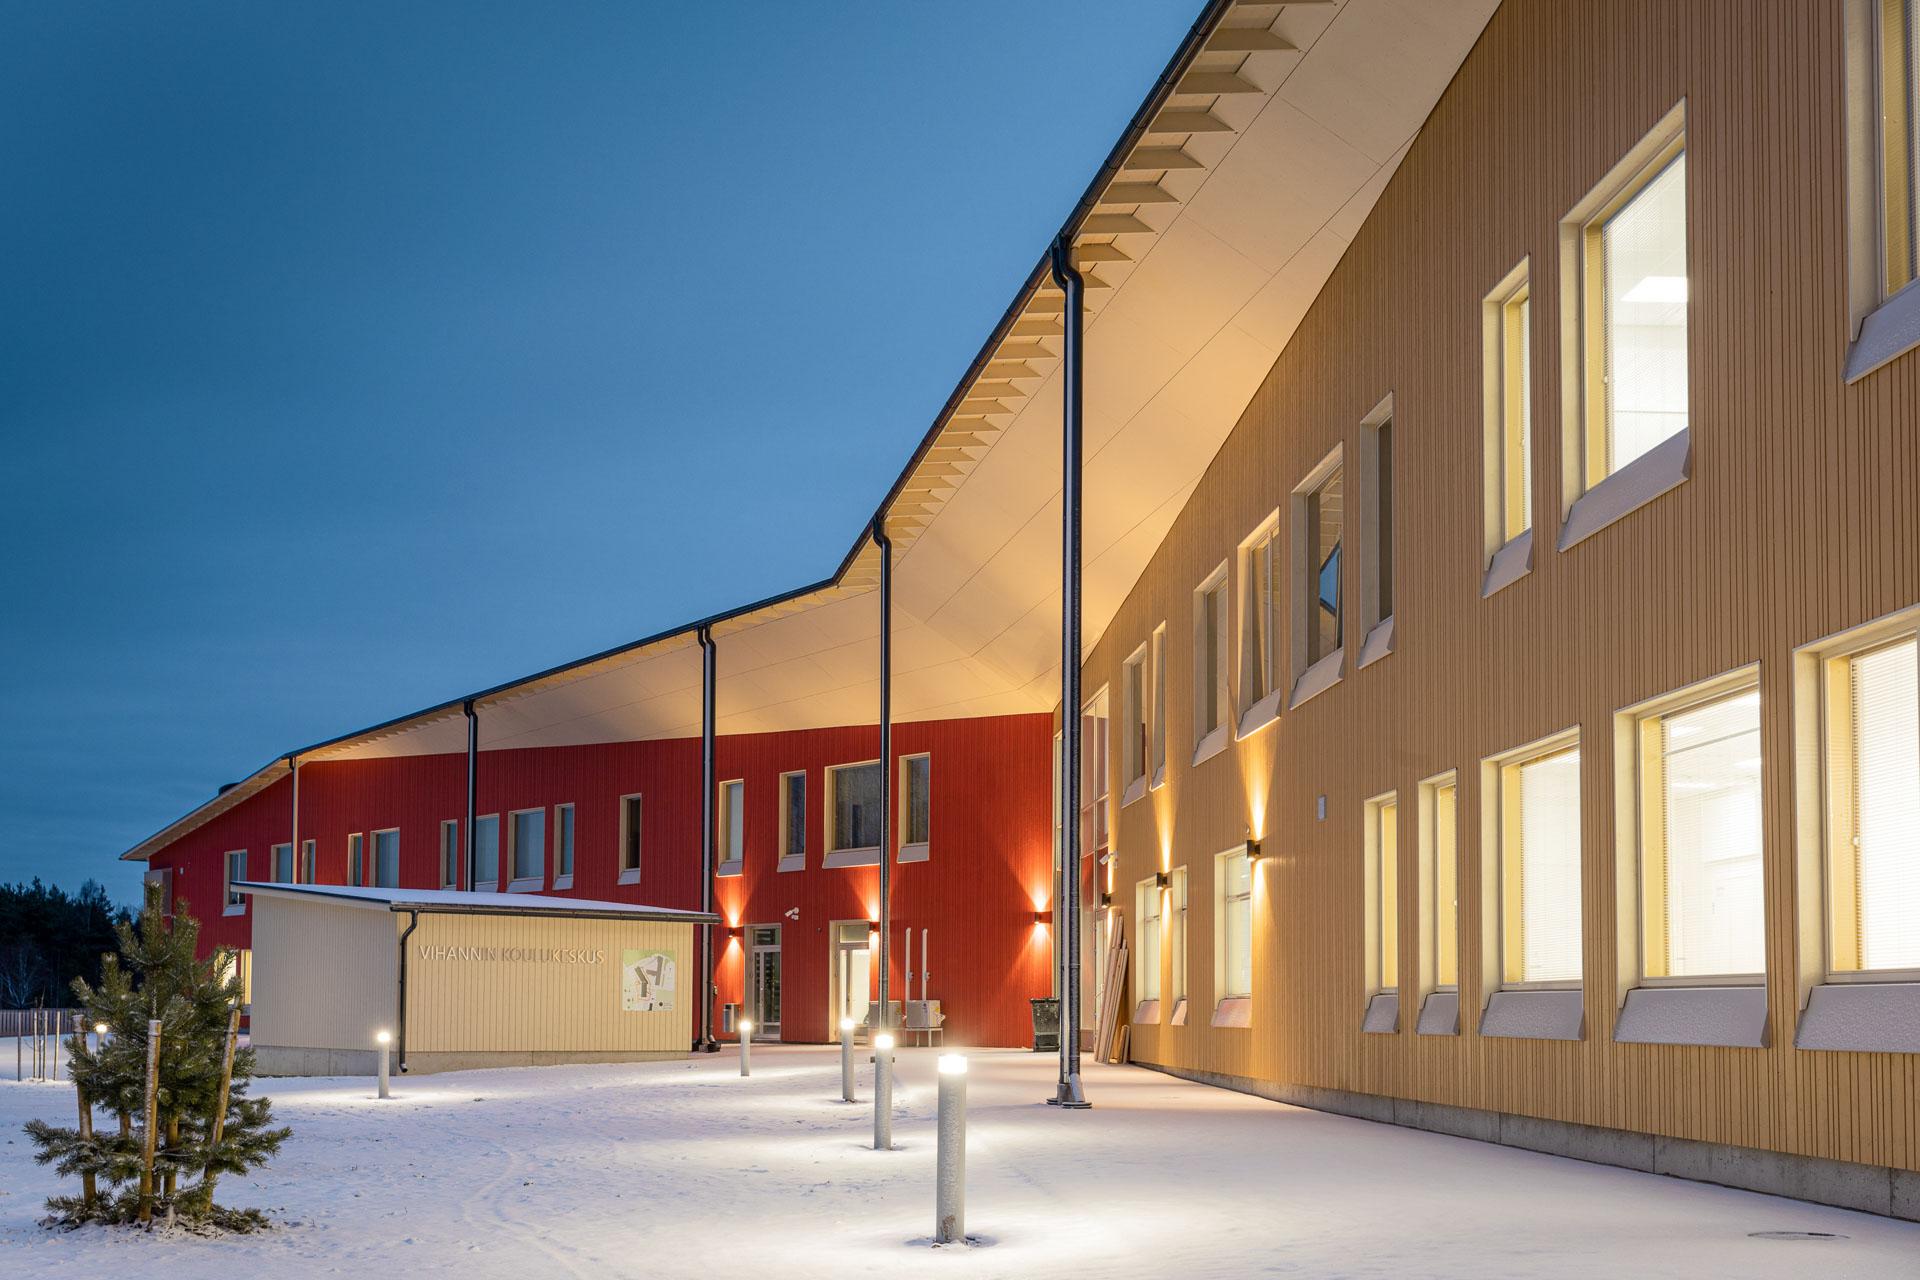 Vihannin koulukeskus ulkoa iltavalaistuksessa